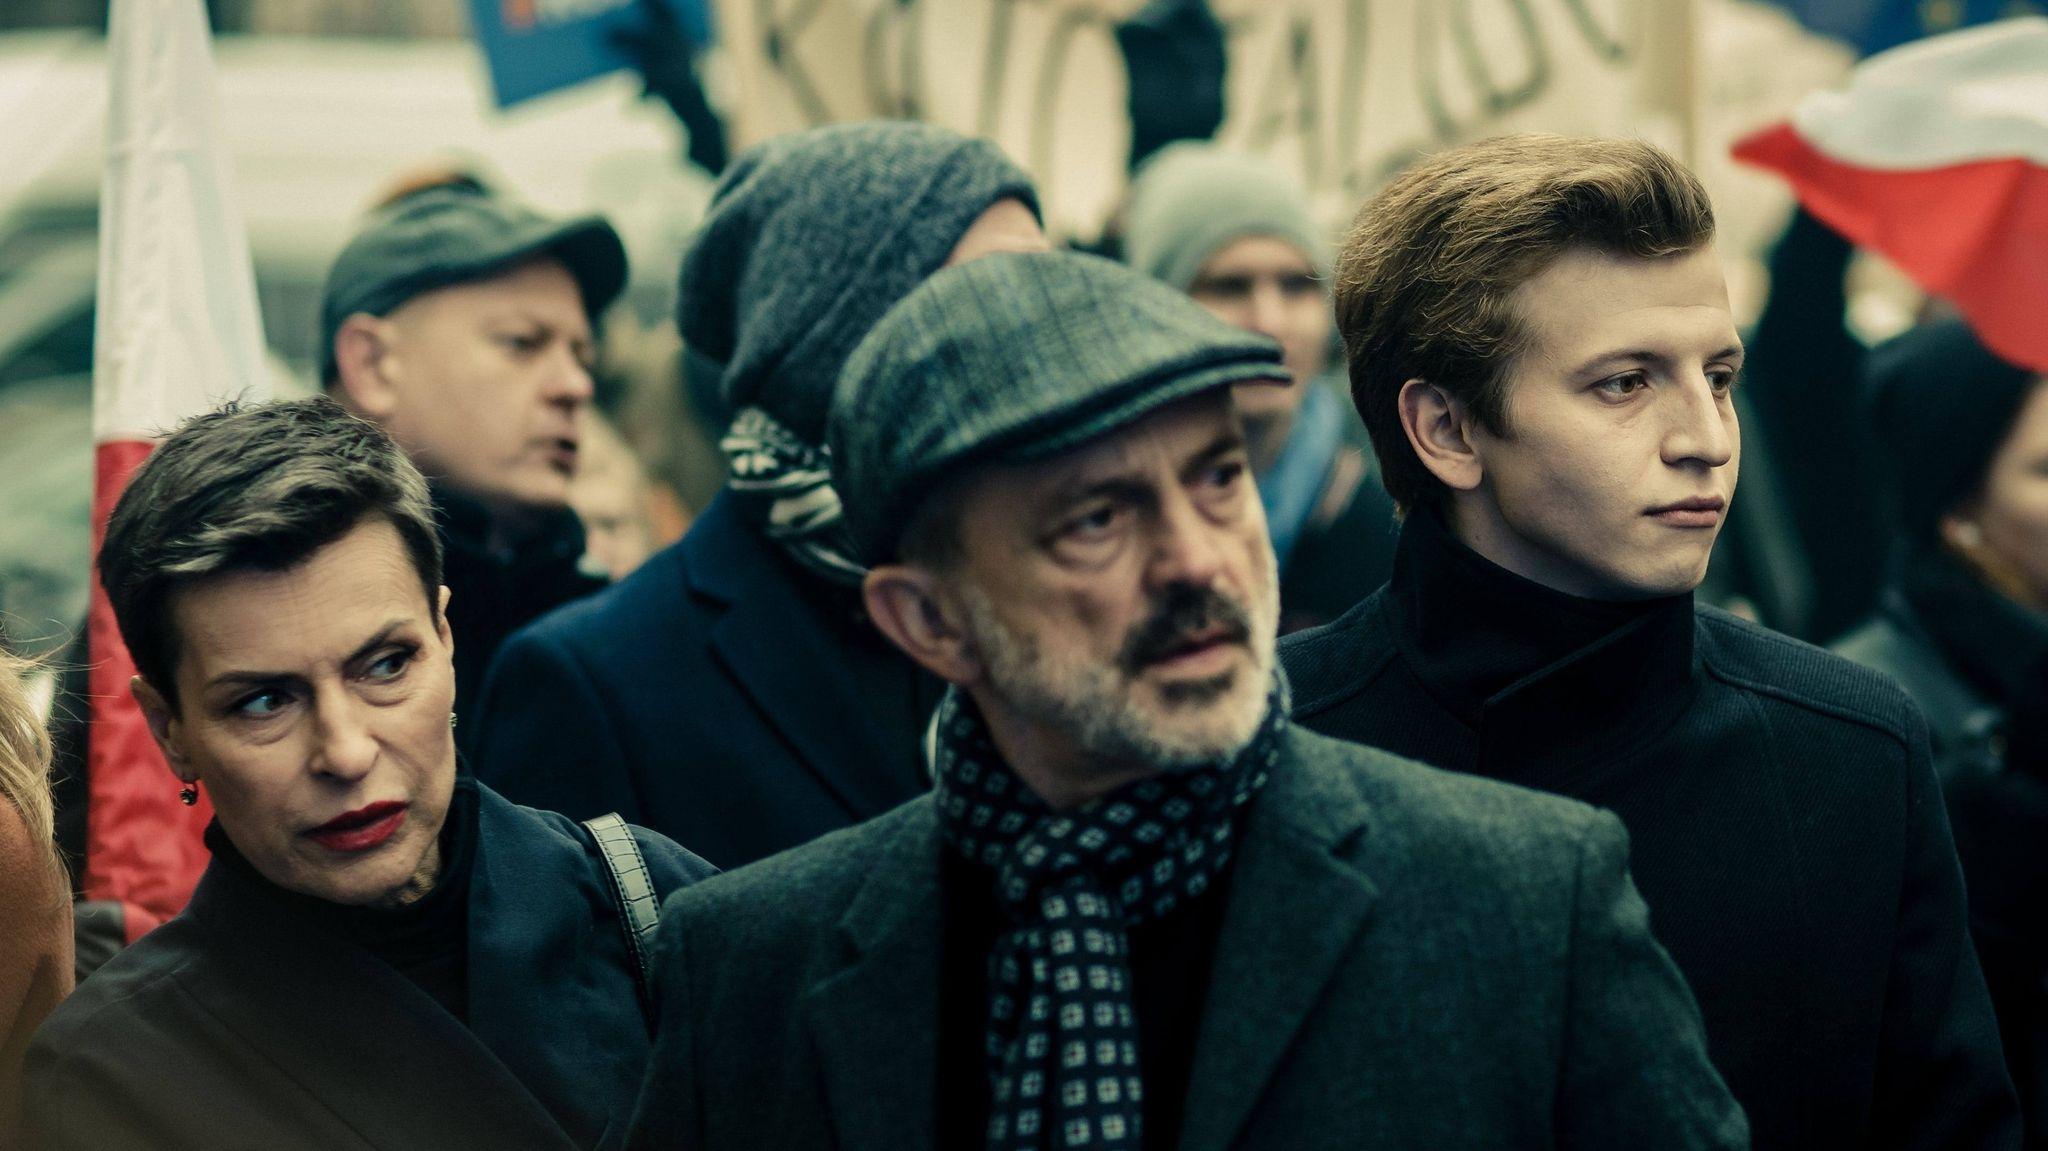 Pofon vág, összetör, kifacsar – Hater: A gyűlölet új arca (2020) – kritika